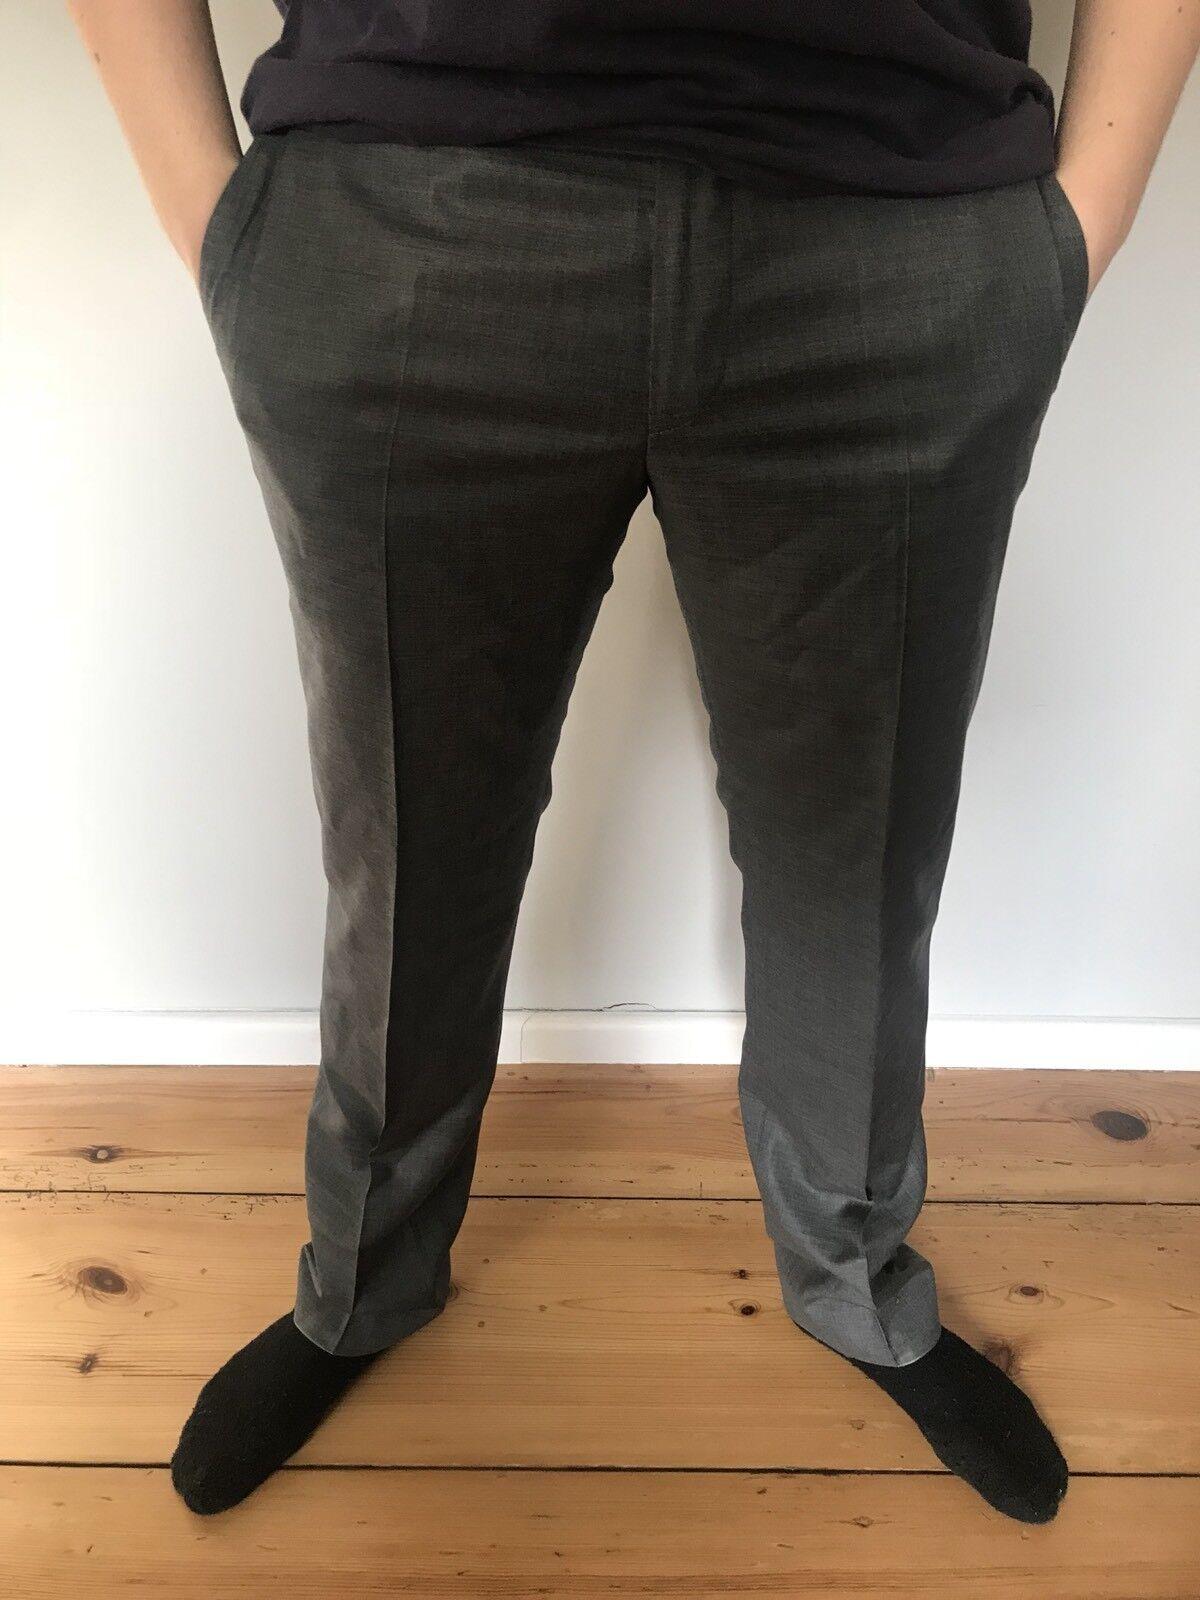 Joop  Feine Männerhose- Größe 46     | Exzellente Verarbeitung  | Erste Gruppe von Kunden  | Offizielle Webseite